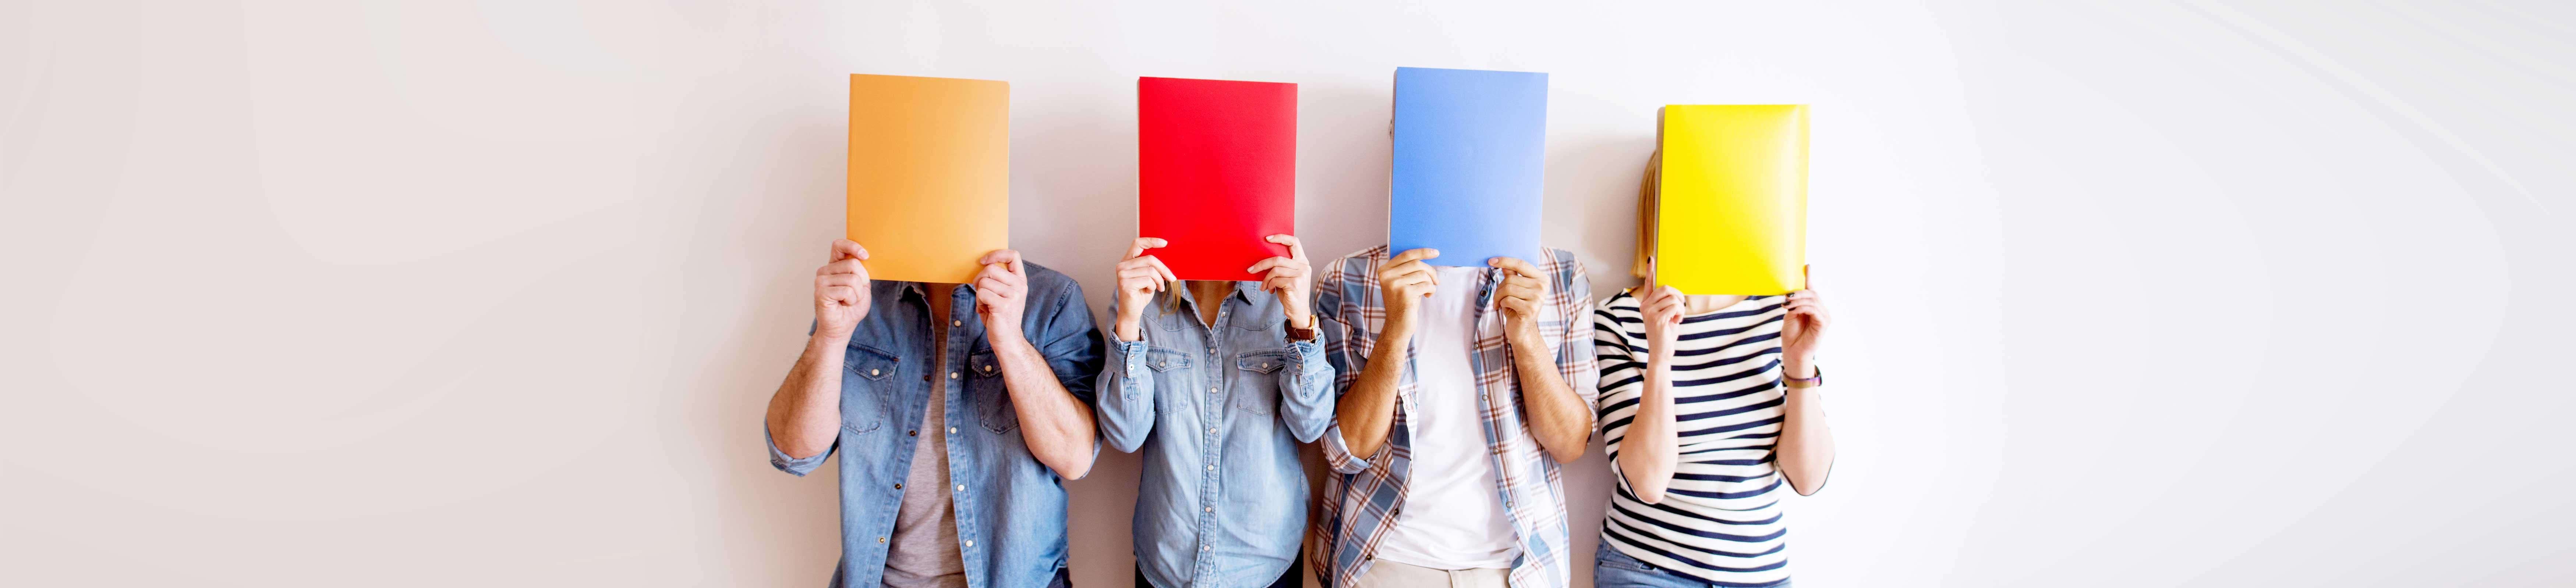 personas con cartulinas de color en la cara